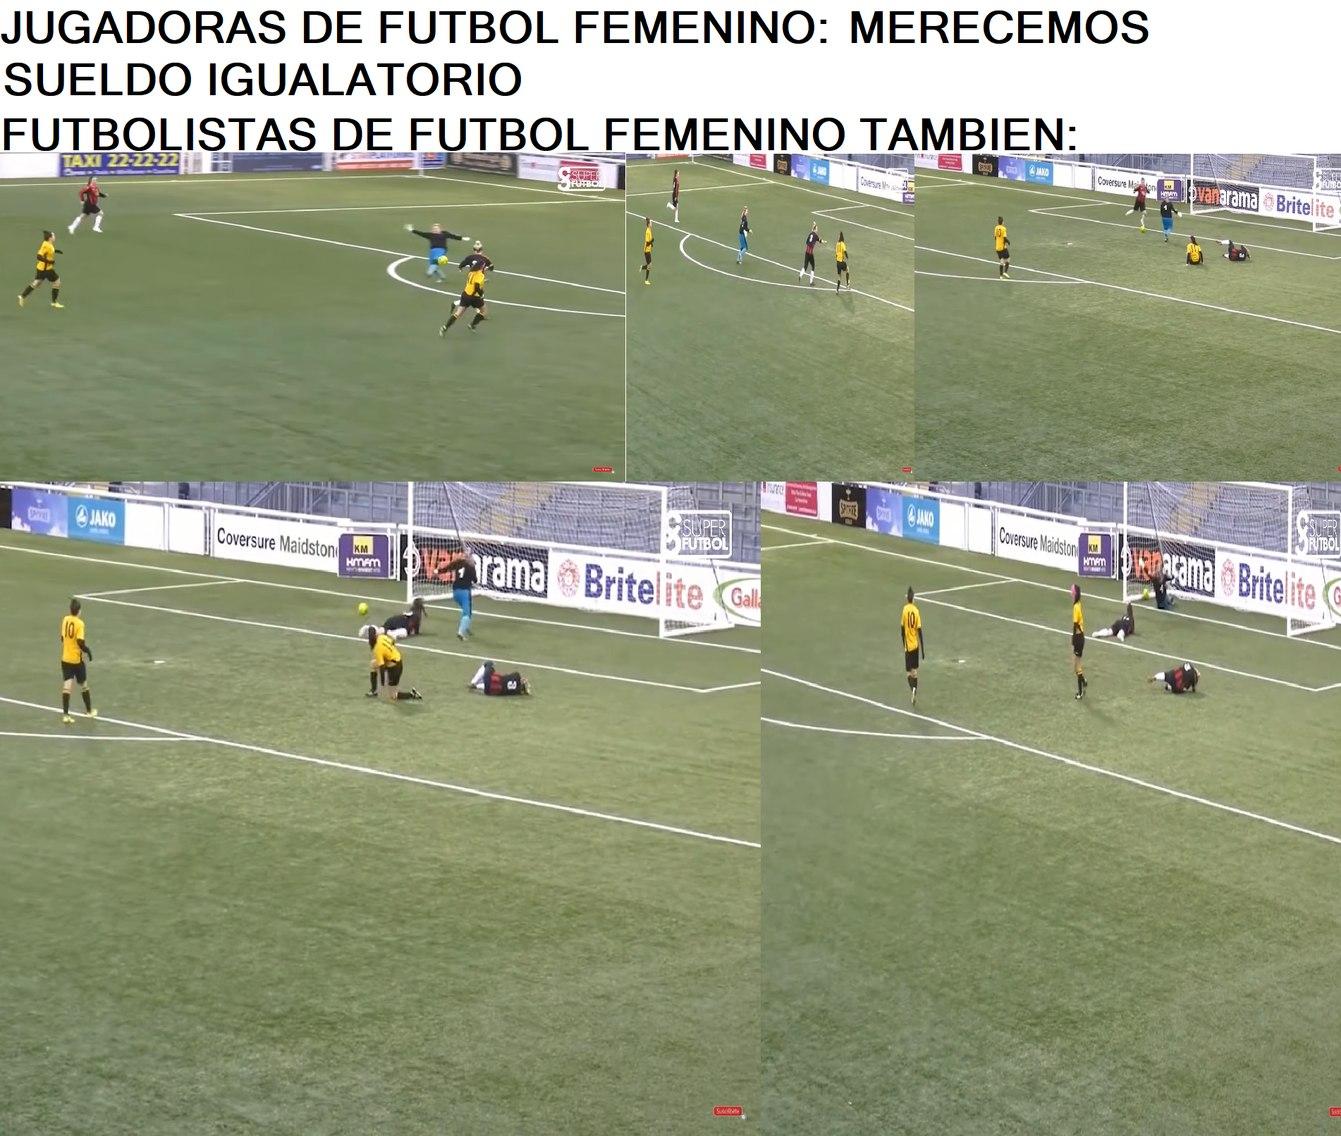 la portera la caga, las del equipo amarillo cojen el balon, la del equipo amarillo patea el balon, una defensa del otro equipo la caga y se cai y pues gol - meme